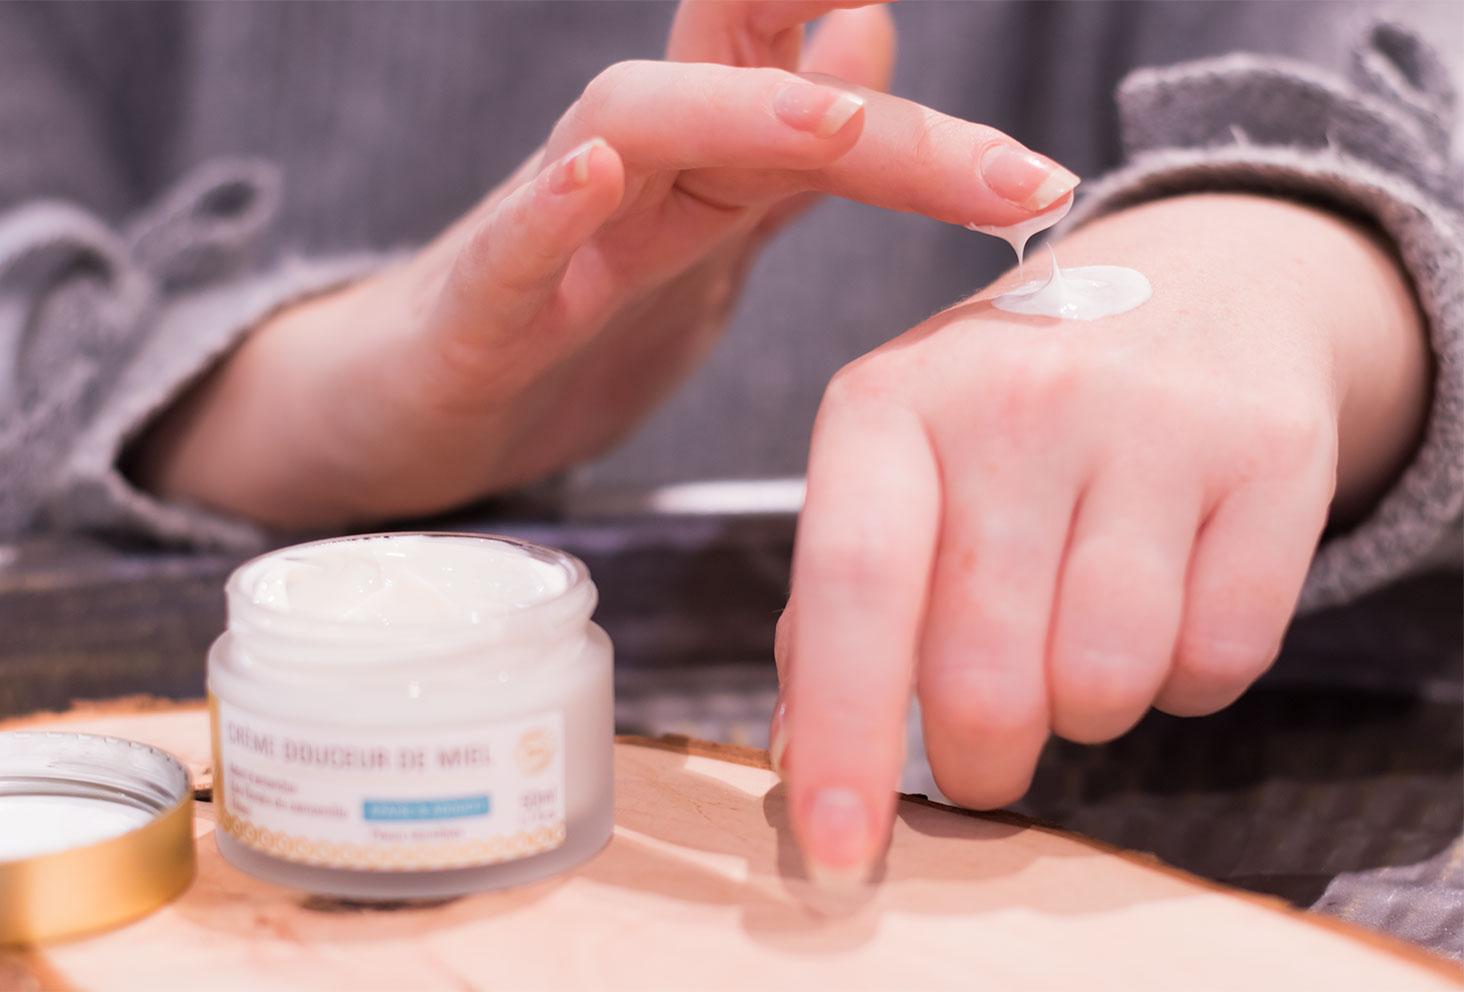 Zoom sur l'utilisation de la crème Douceur de Miel sur la main et zoom sur la texture épaisse du produit